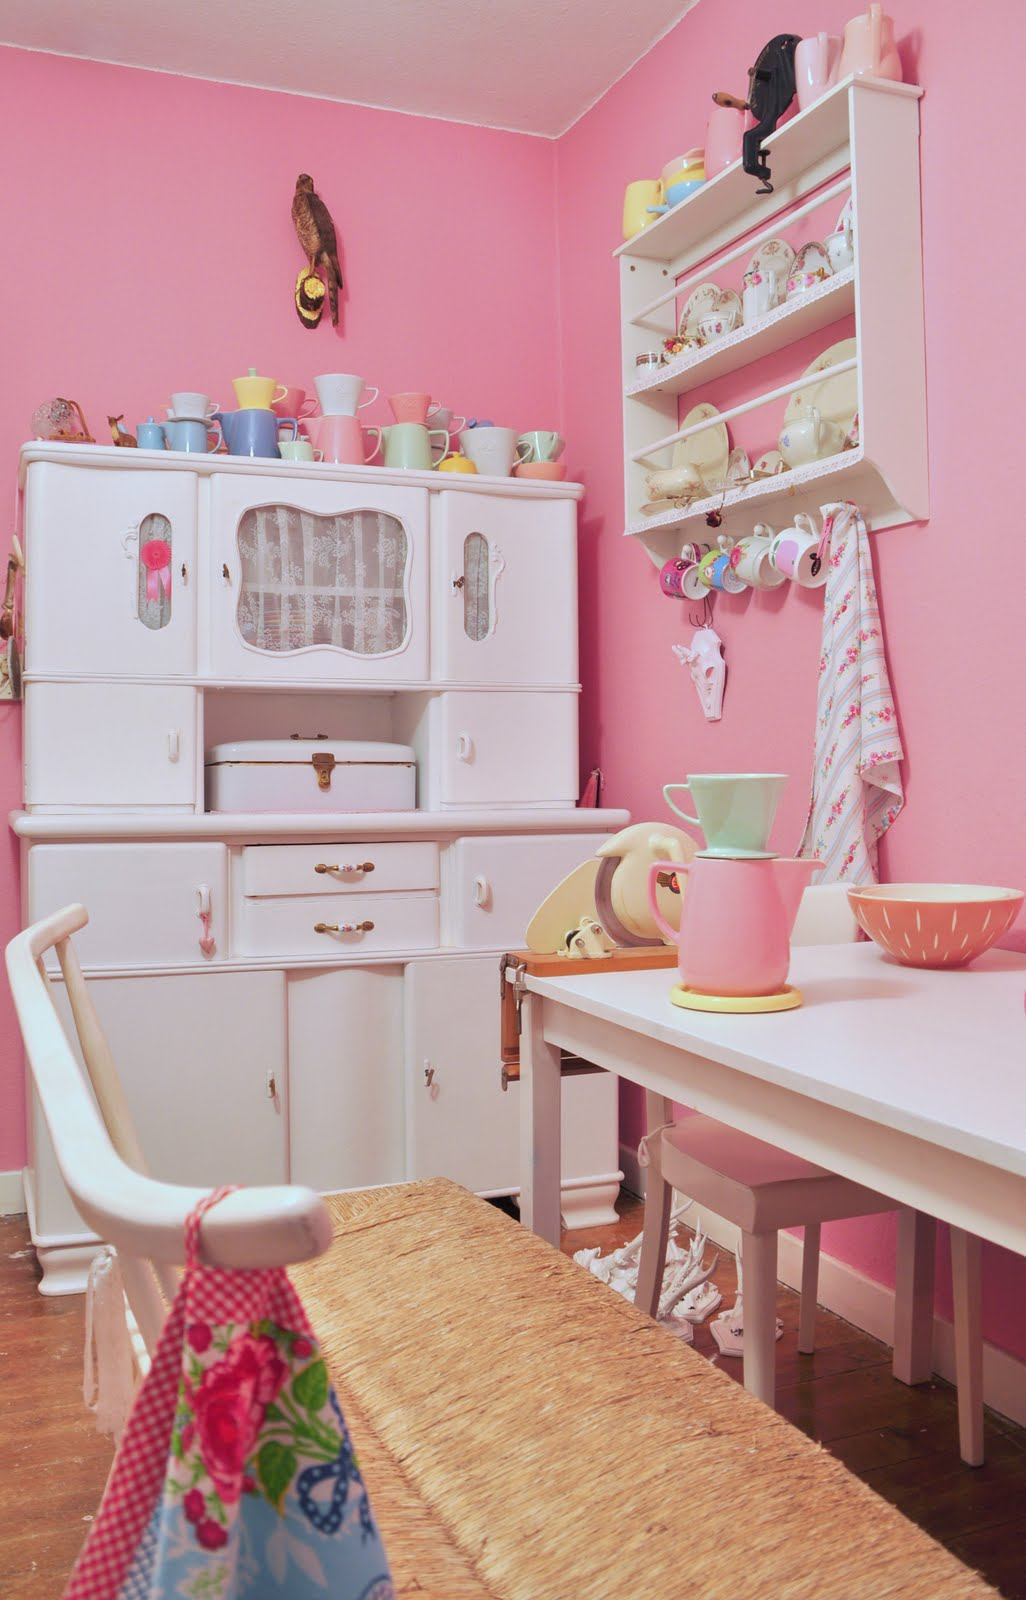 Pastellfarben Wand Wohnzimmer: Img helle freude mit cremigen gruen ...